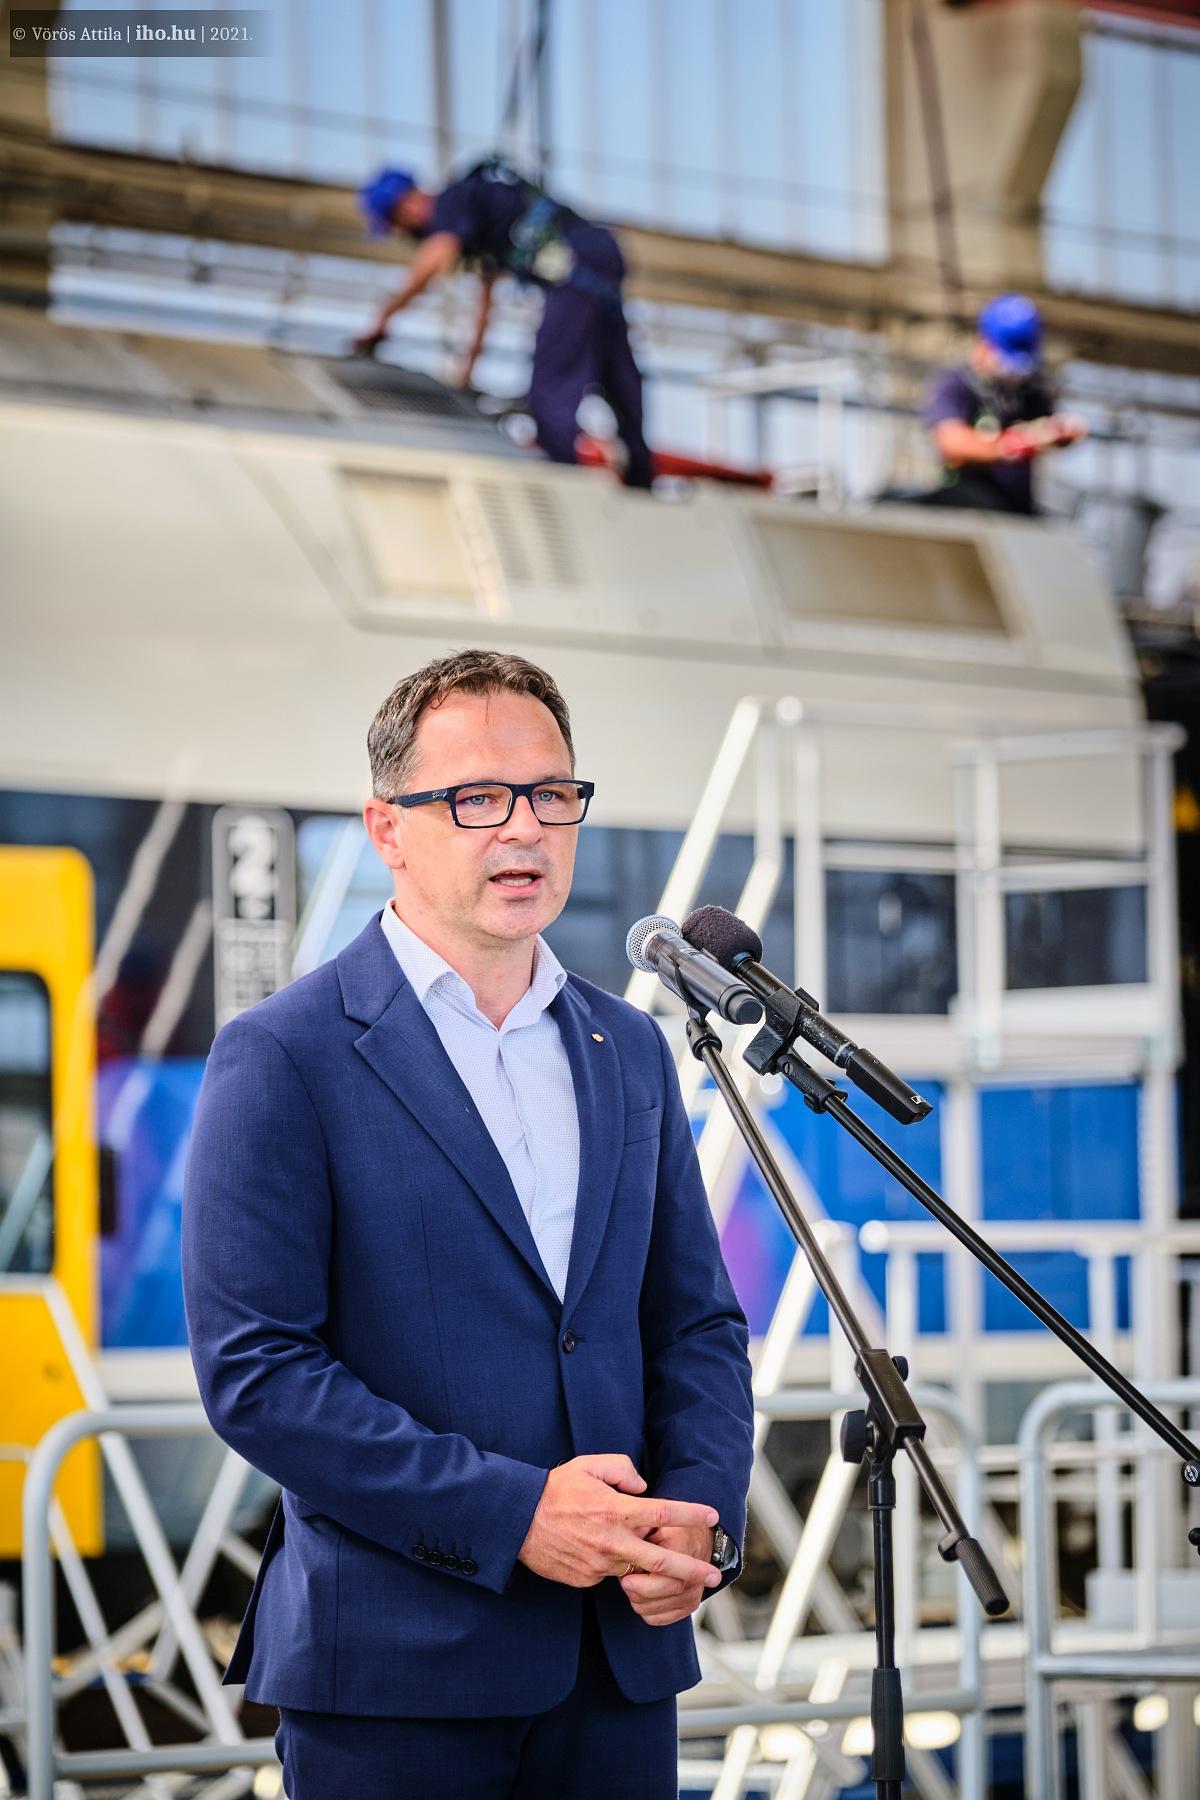 Kerékgyártó József, a MÁV-Start vezérigazgatója (képek: Vörös Attila)